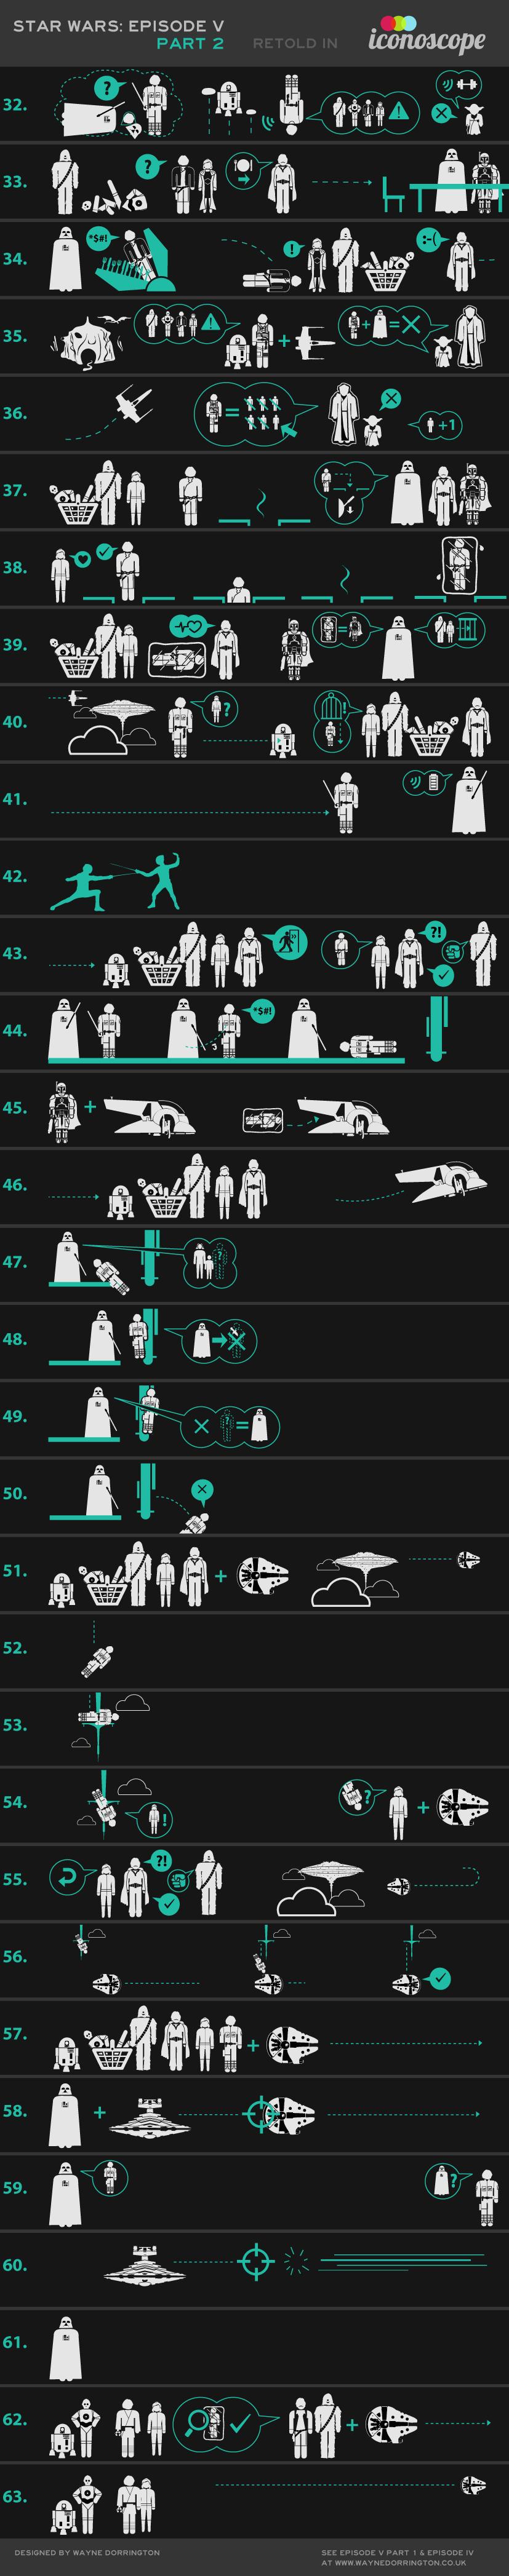 Star Wars Episode IV, V & VI Retold in Iconoscope